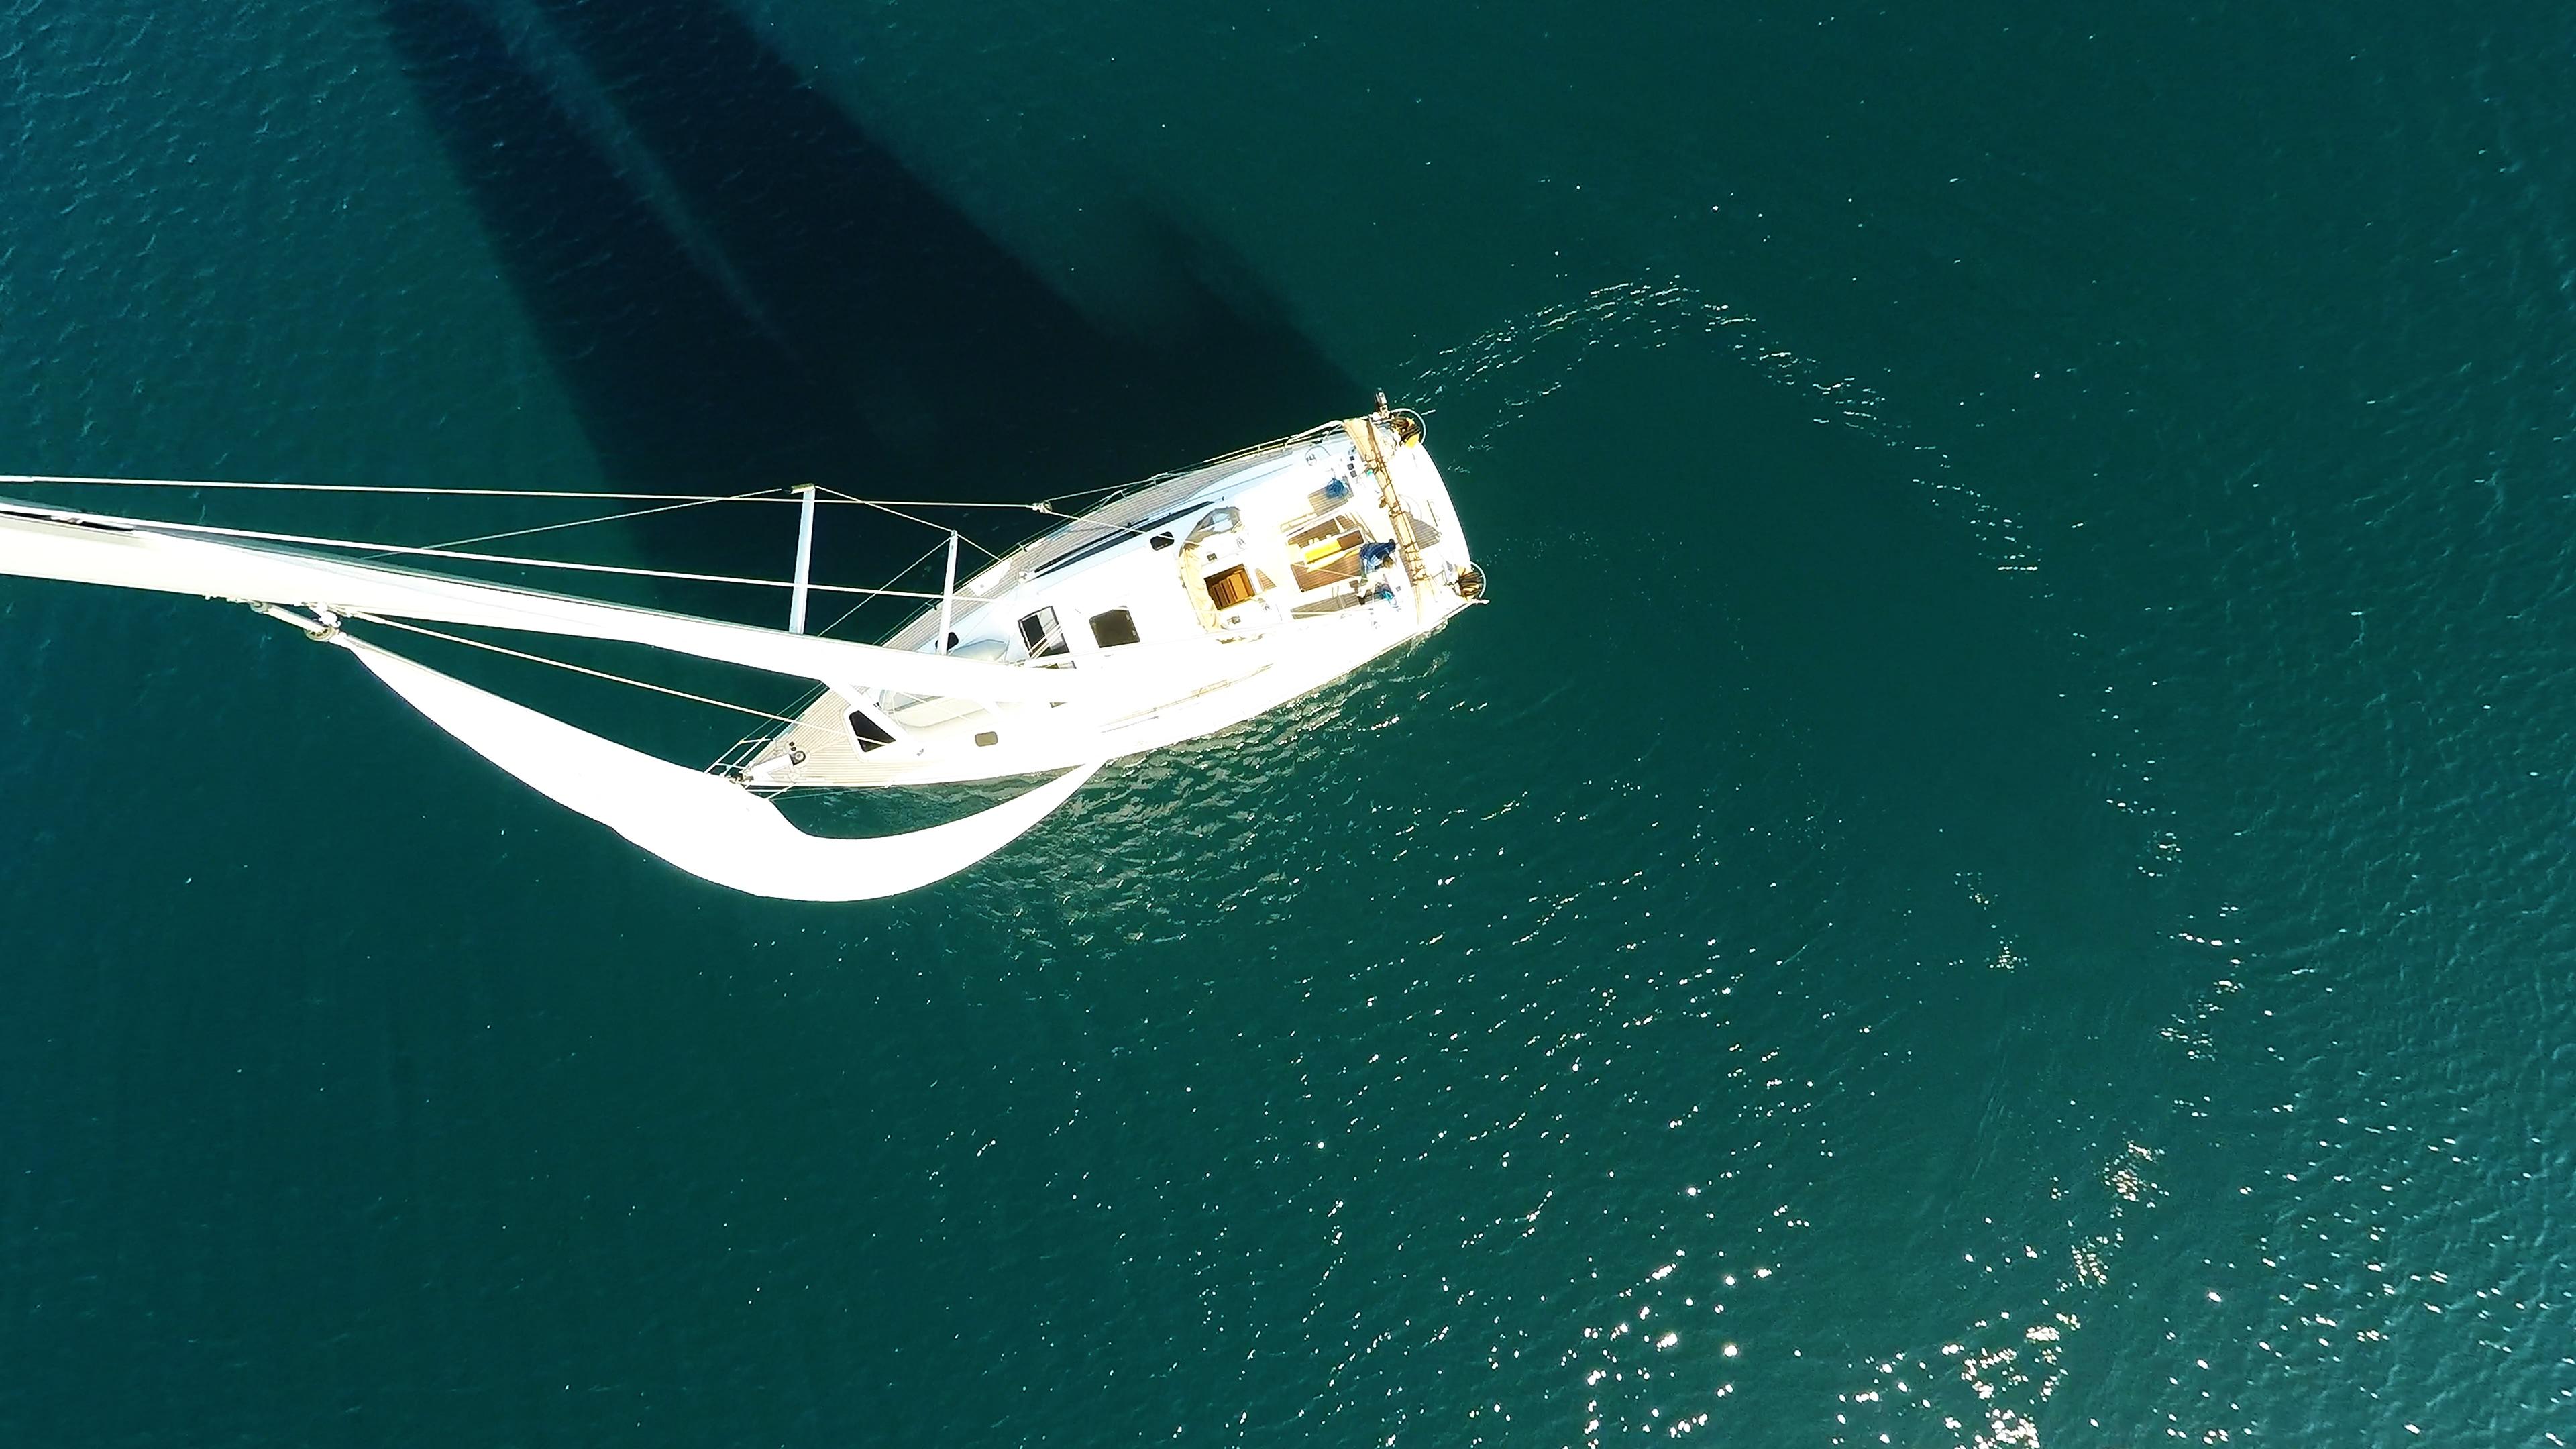 pogled s jarbola jedro jedra jedrilica jedrilica čamac